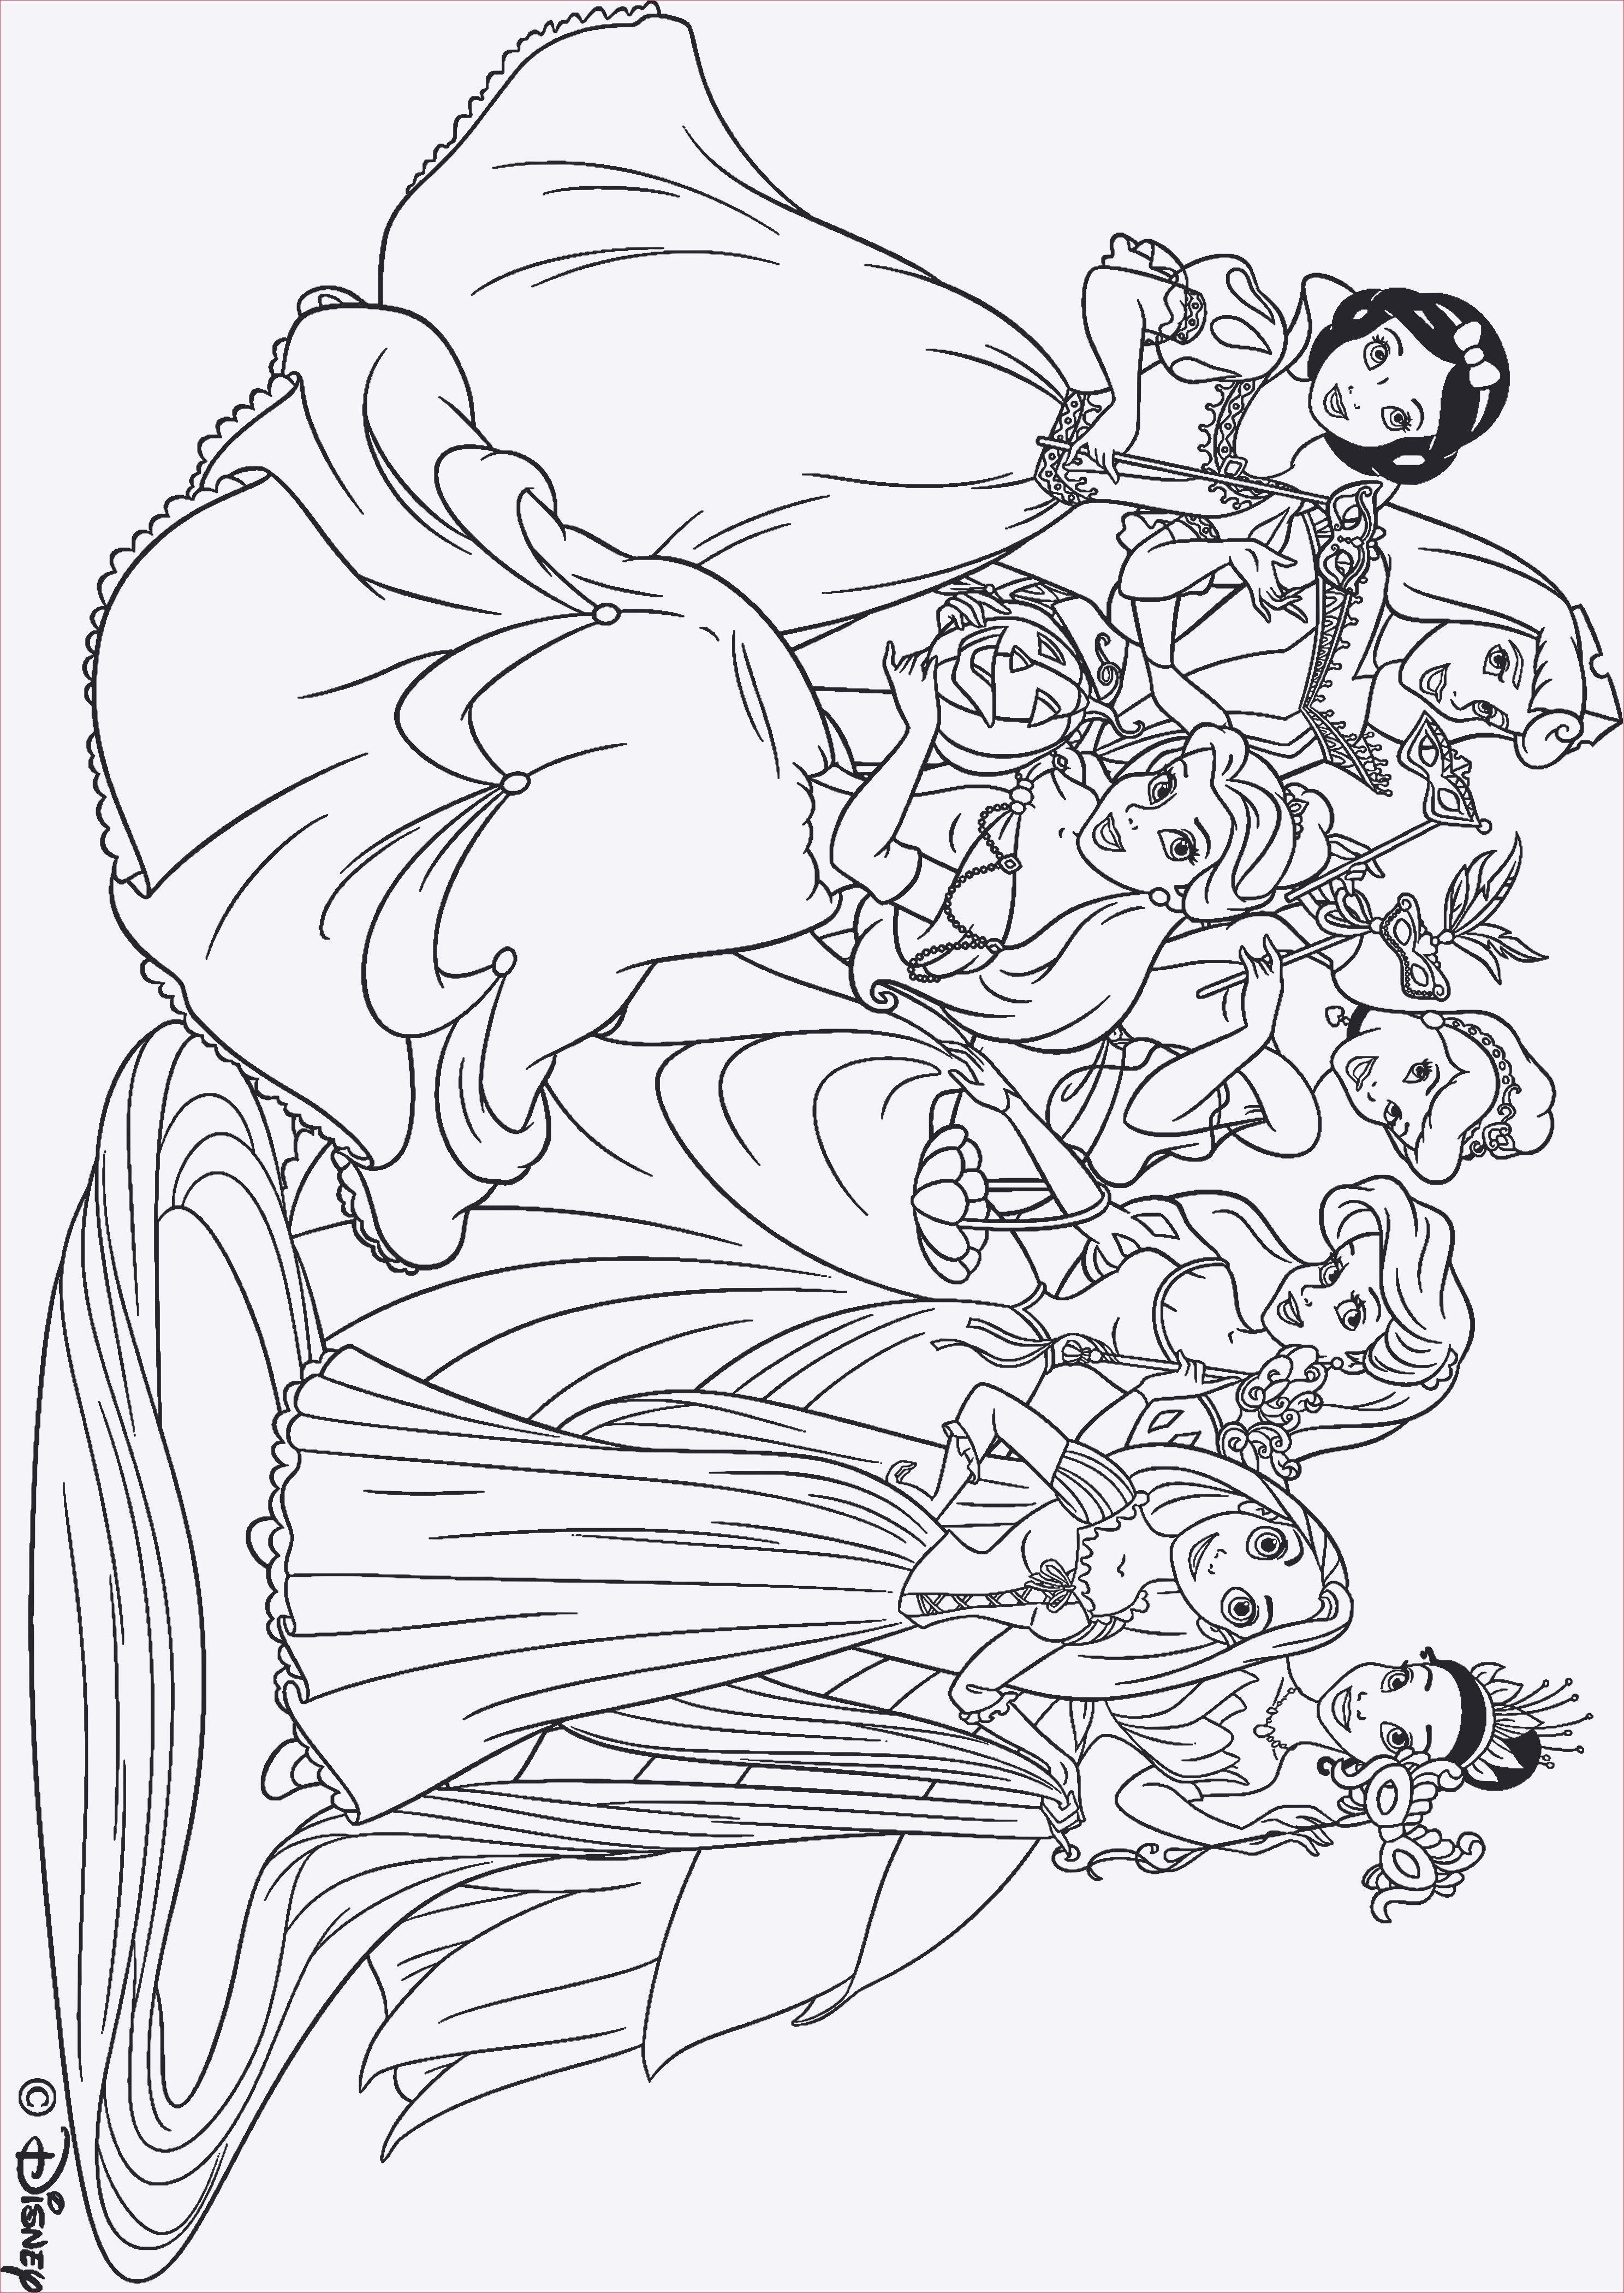 Disney Prinzessinnen Malvorlagen Frisch Frei Druckbare Kinder Malvorlagen Wundersame Malvorlagen Gratis Sammlung